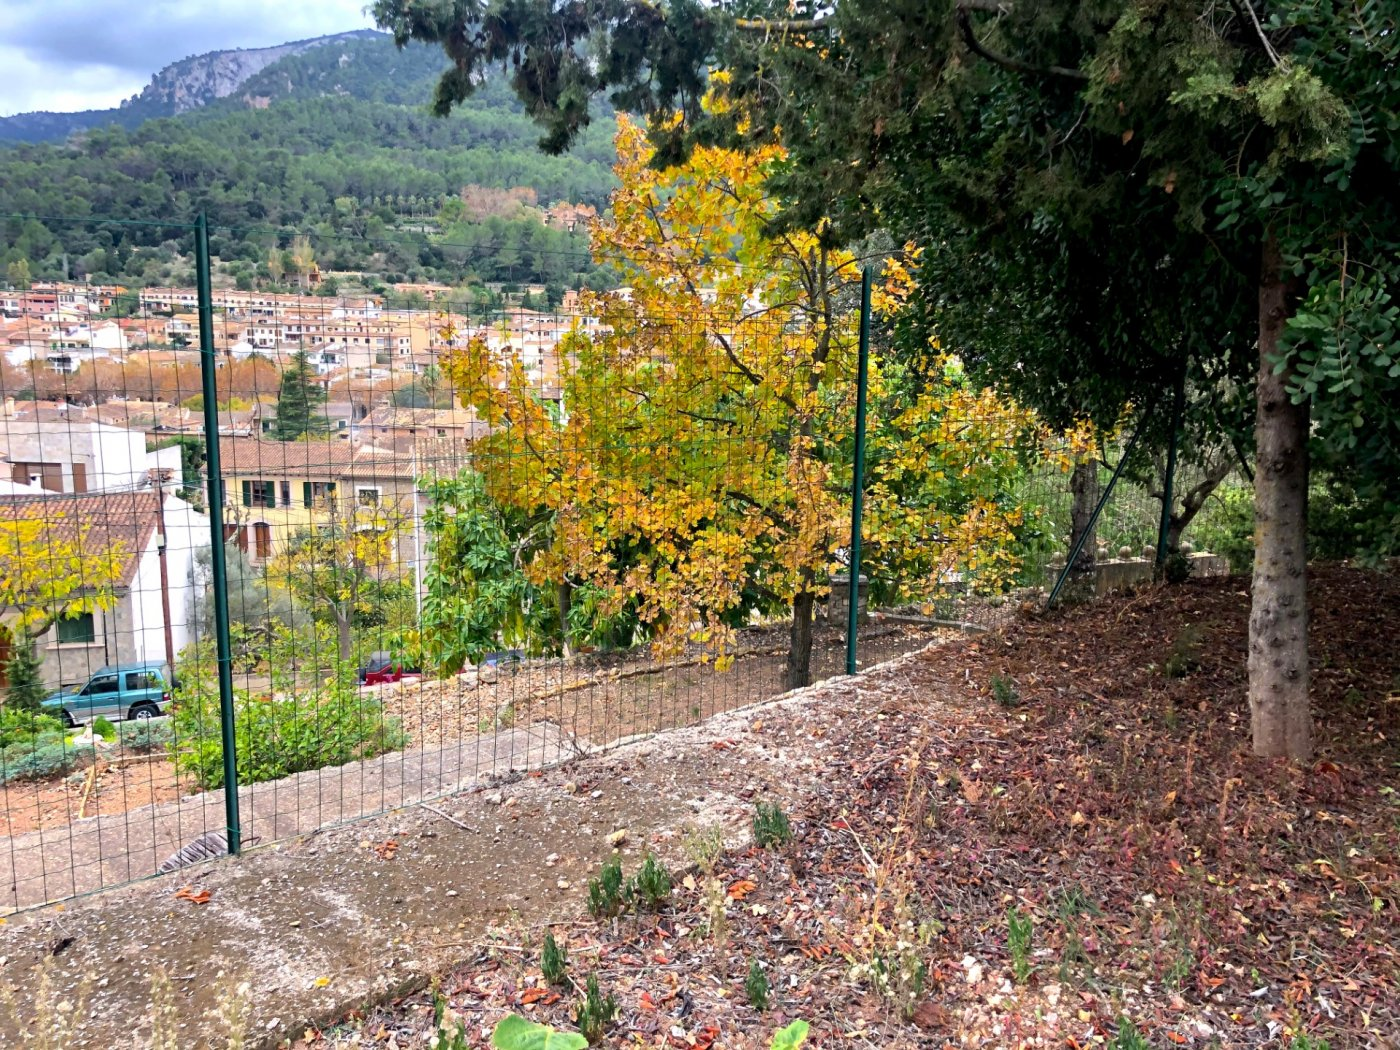 Oportunidad de comprar un fantástico terreno en suelo urbano en esporles - imagenInmueble14